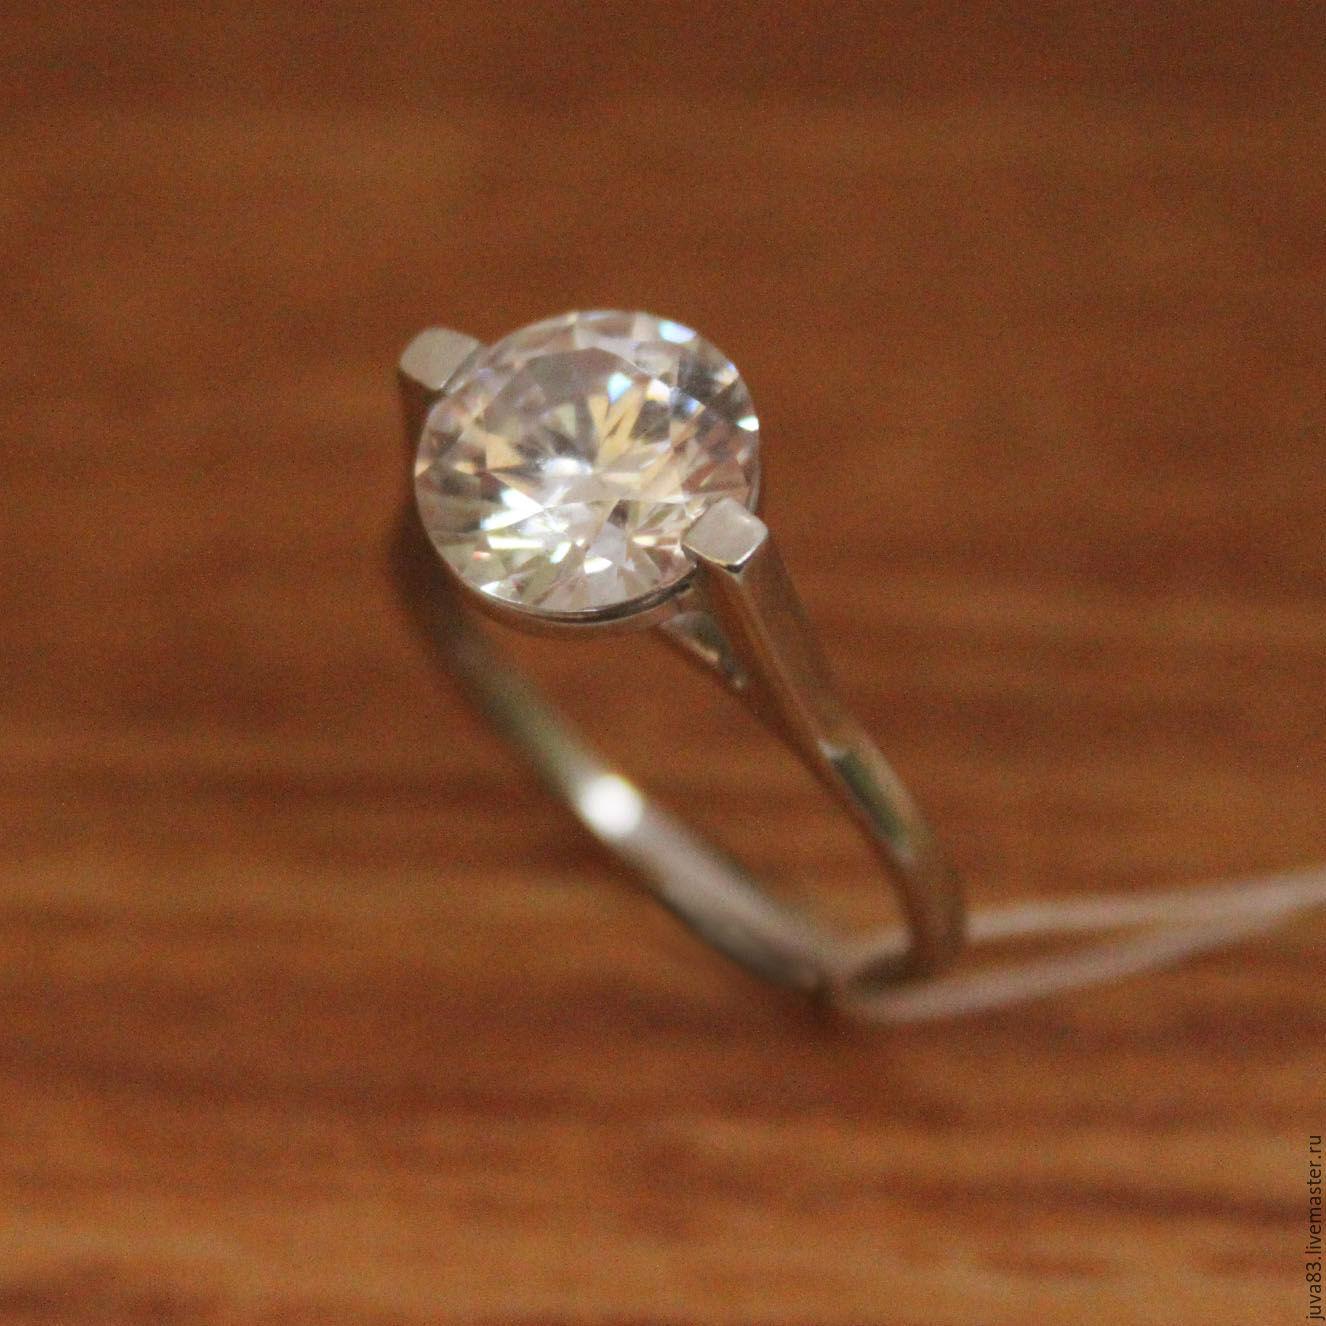 Серебряное кольцо Юпитер, серебро 925, Кольца, Севастополь,  Фото №1